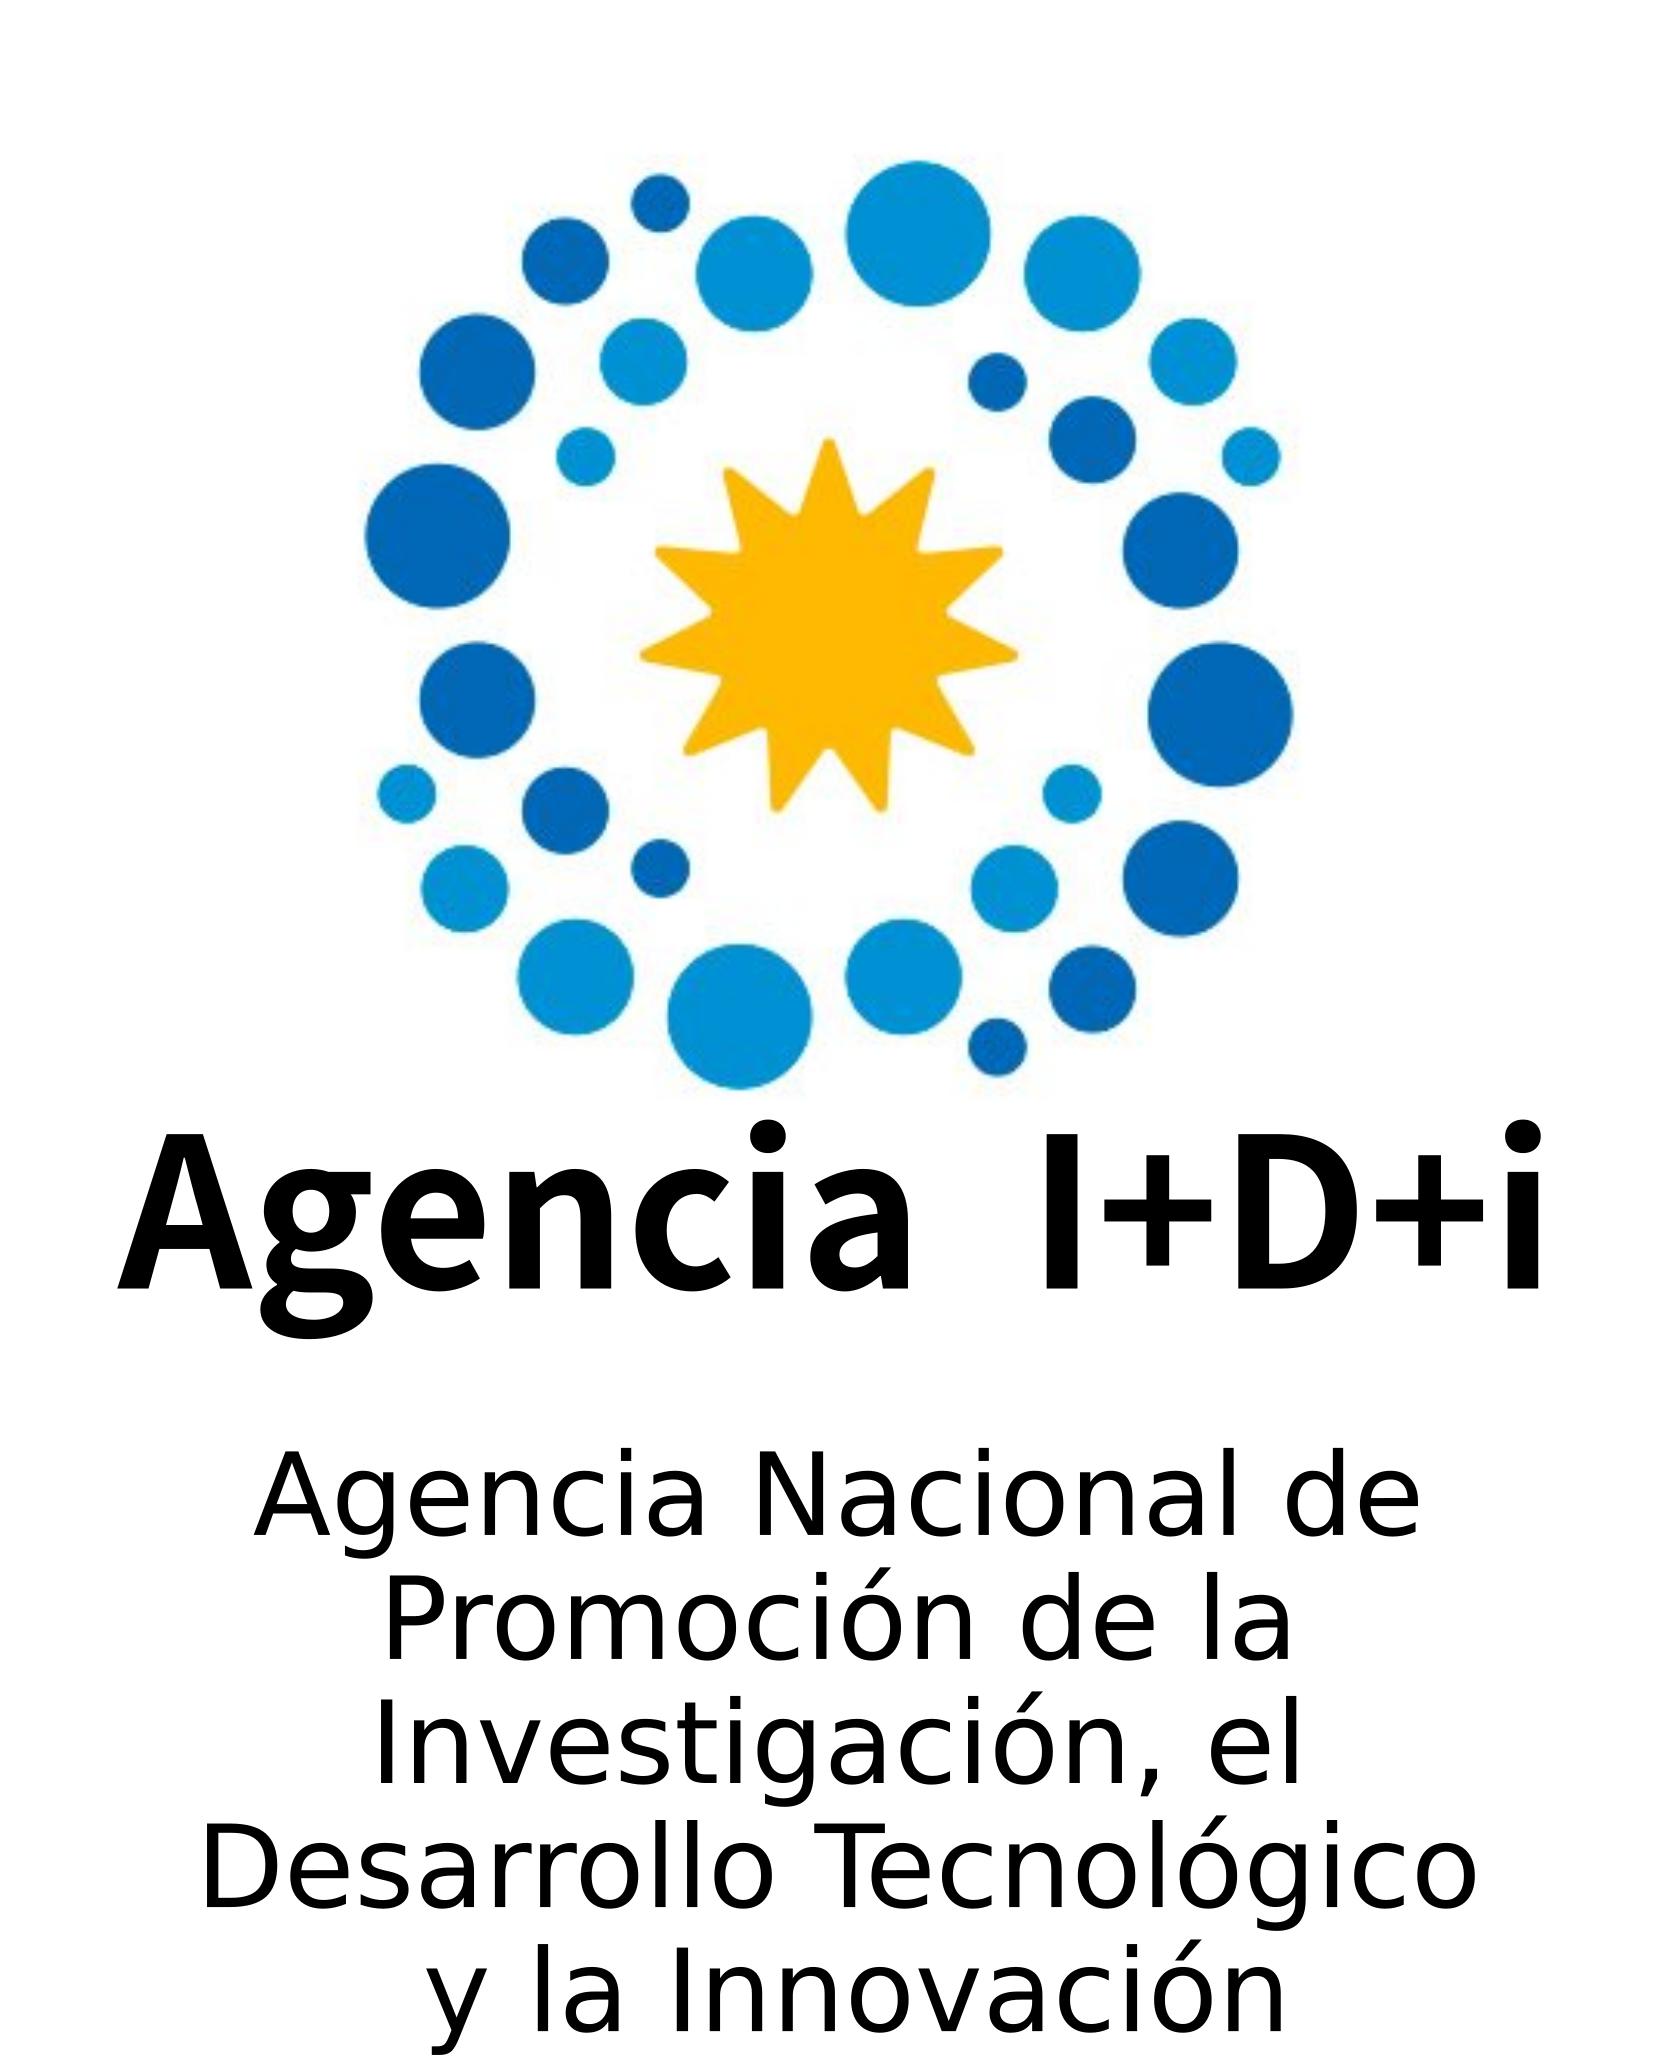 Agencia IDI